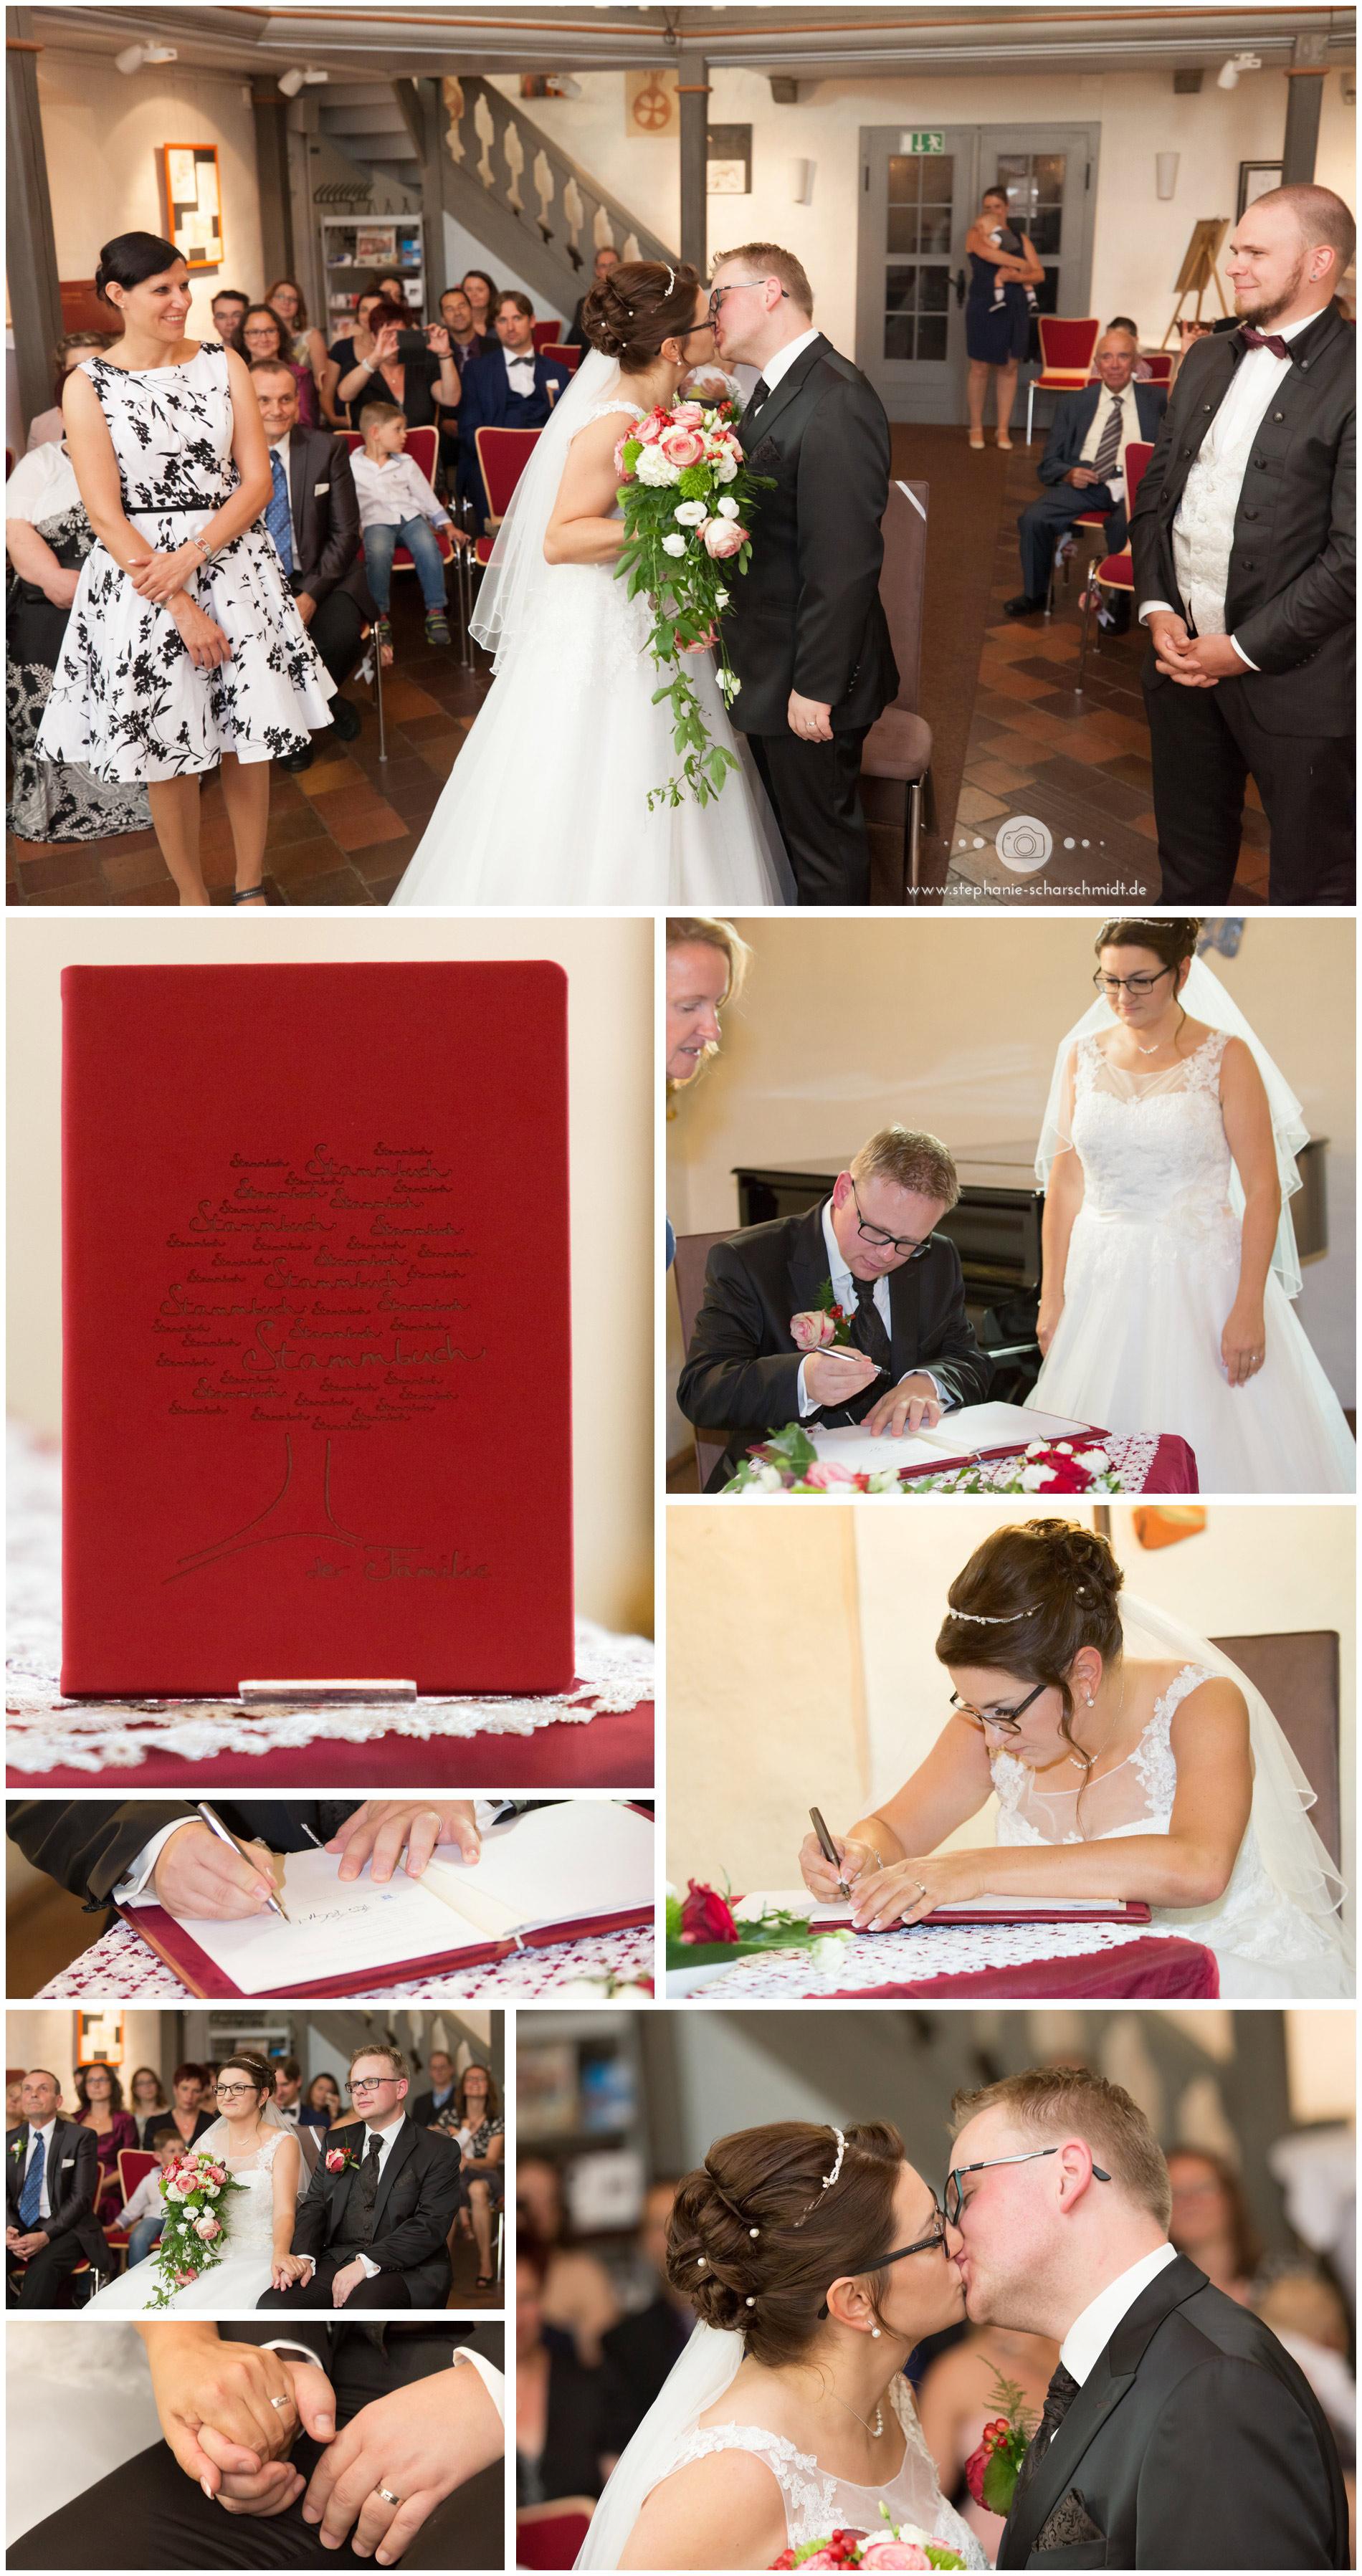 Hochzeitsfotograf Erzgebirge Stephanie Scharschmidt